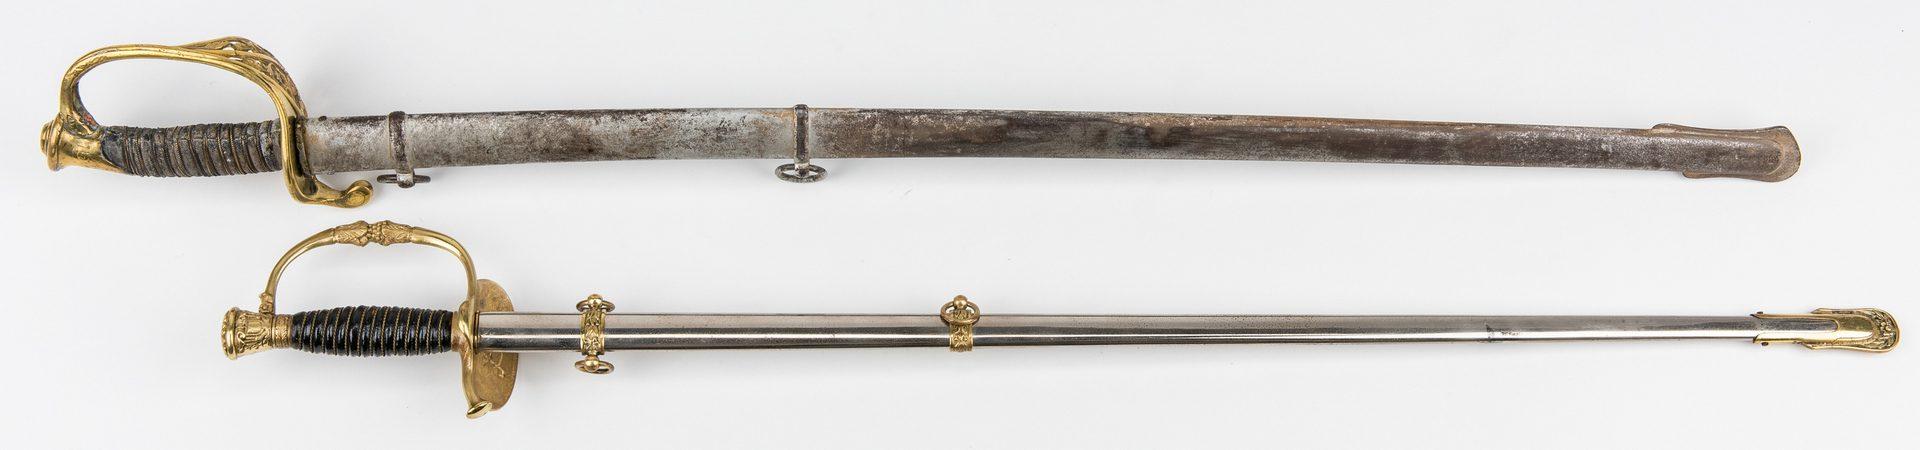 Lot 779: 2 Swords, incl. Model 1850 & G.A.R. Sword